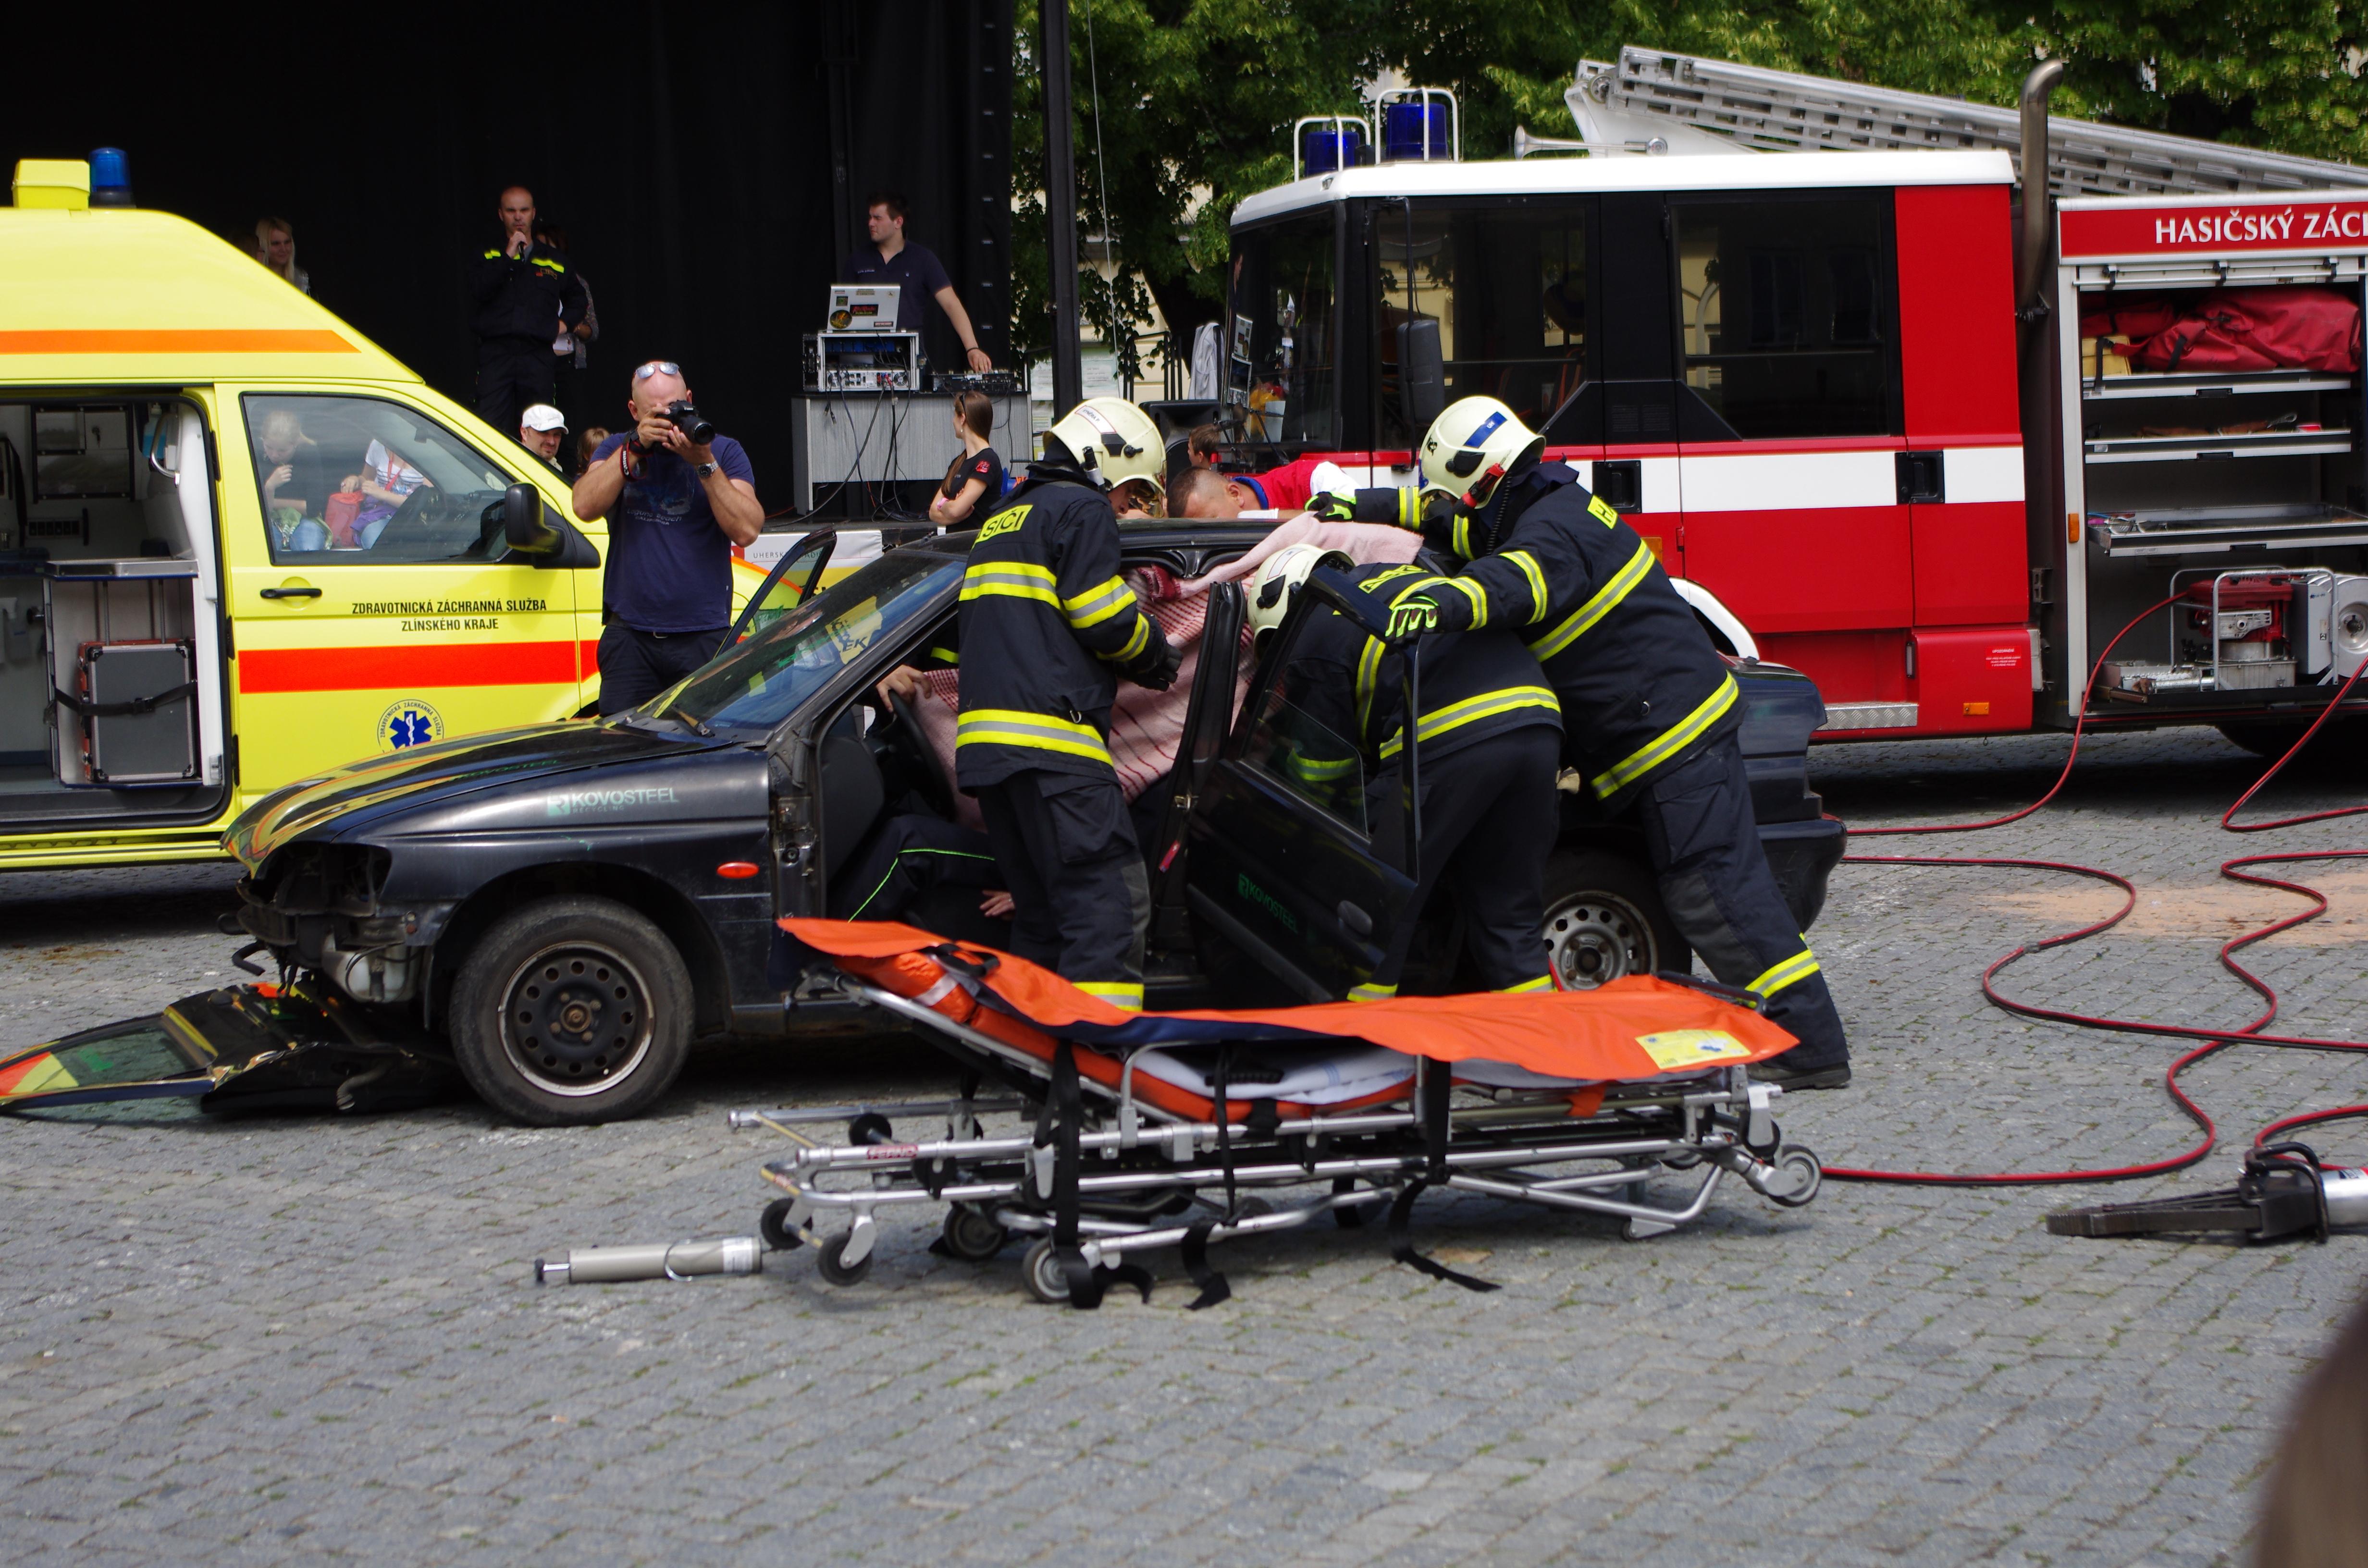 Záchranné složky na náměstí